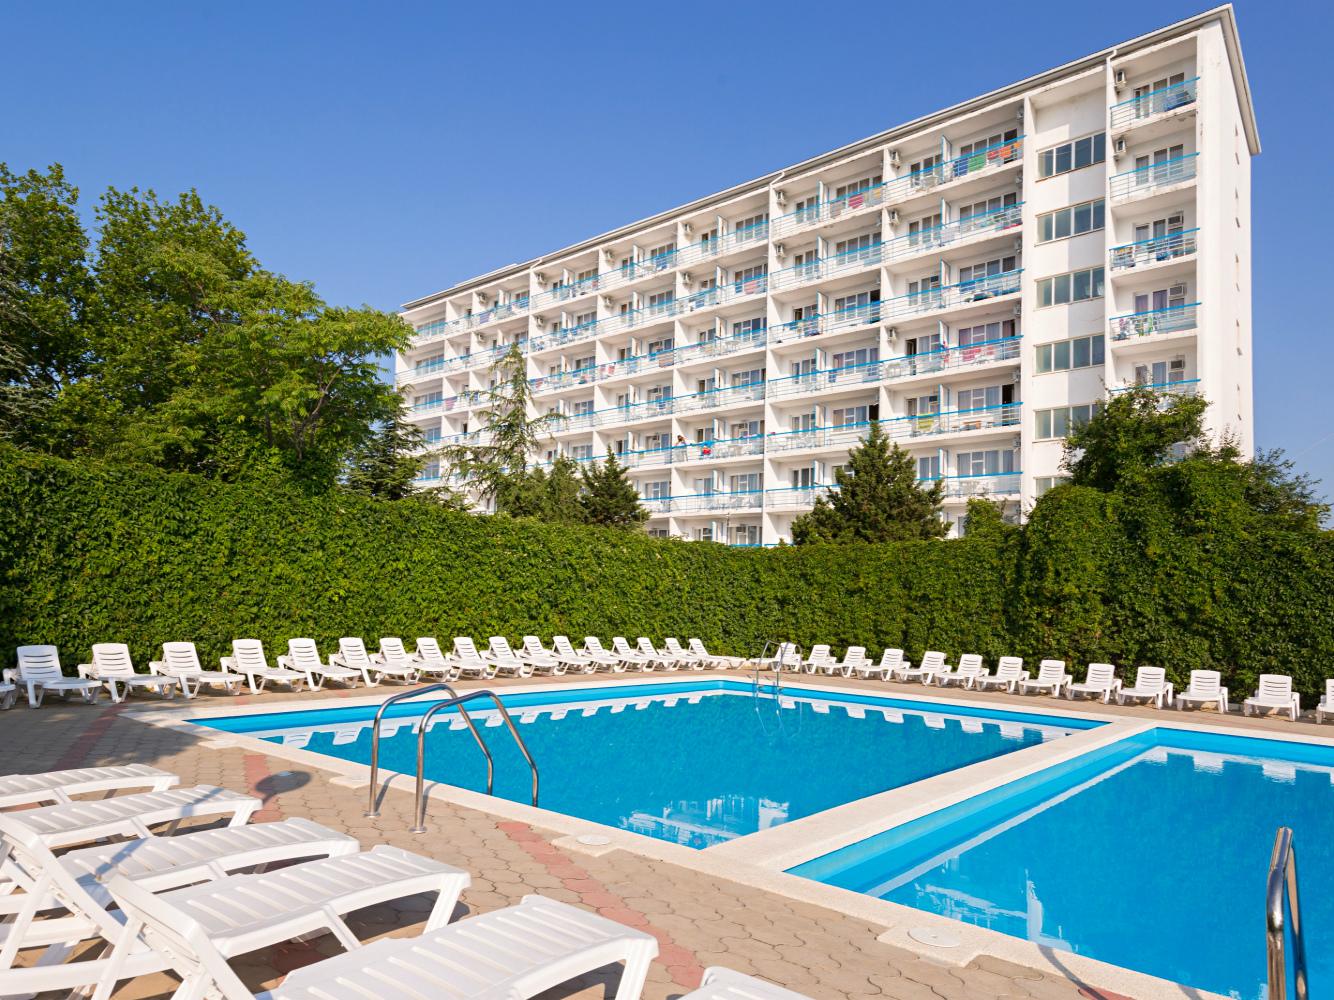 Отель Orchestra Horizont Gelendzhik Resort - Геленджик